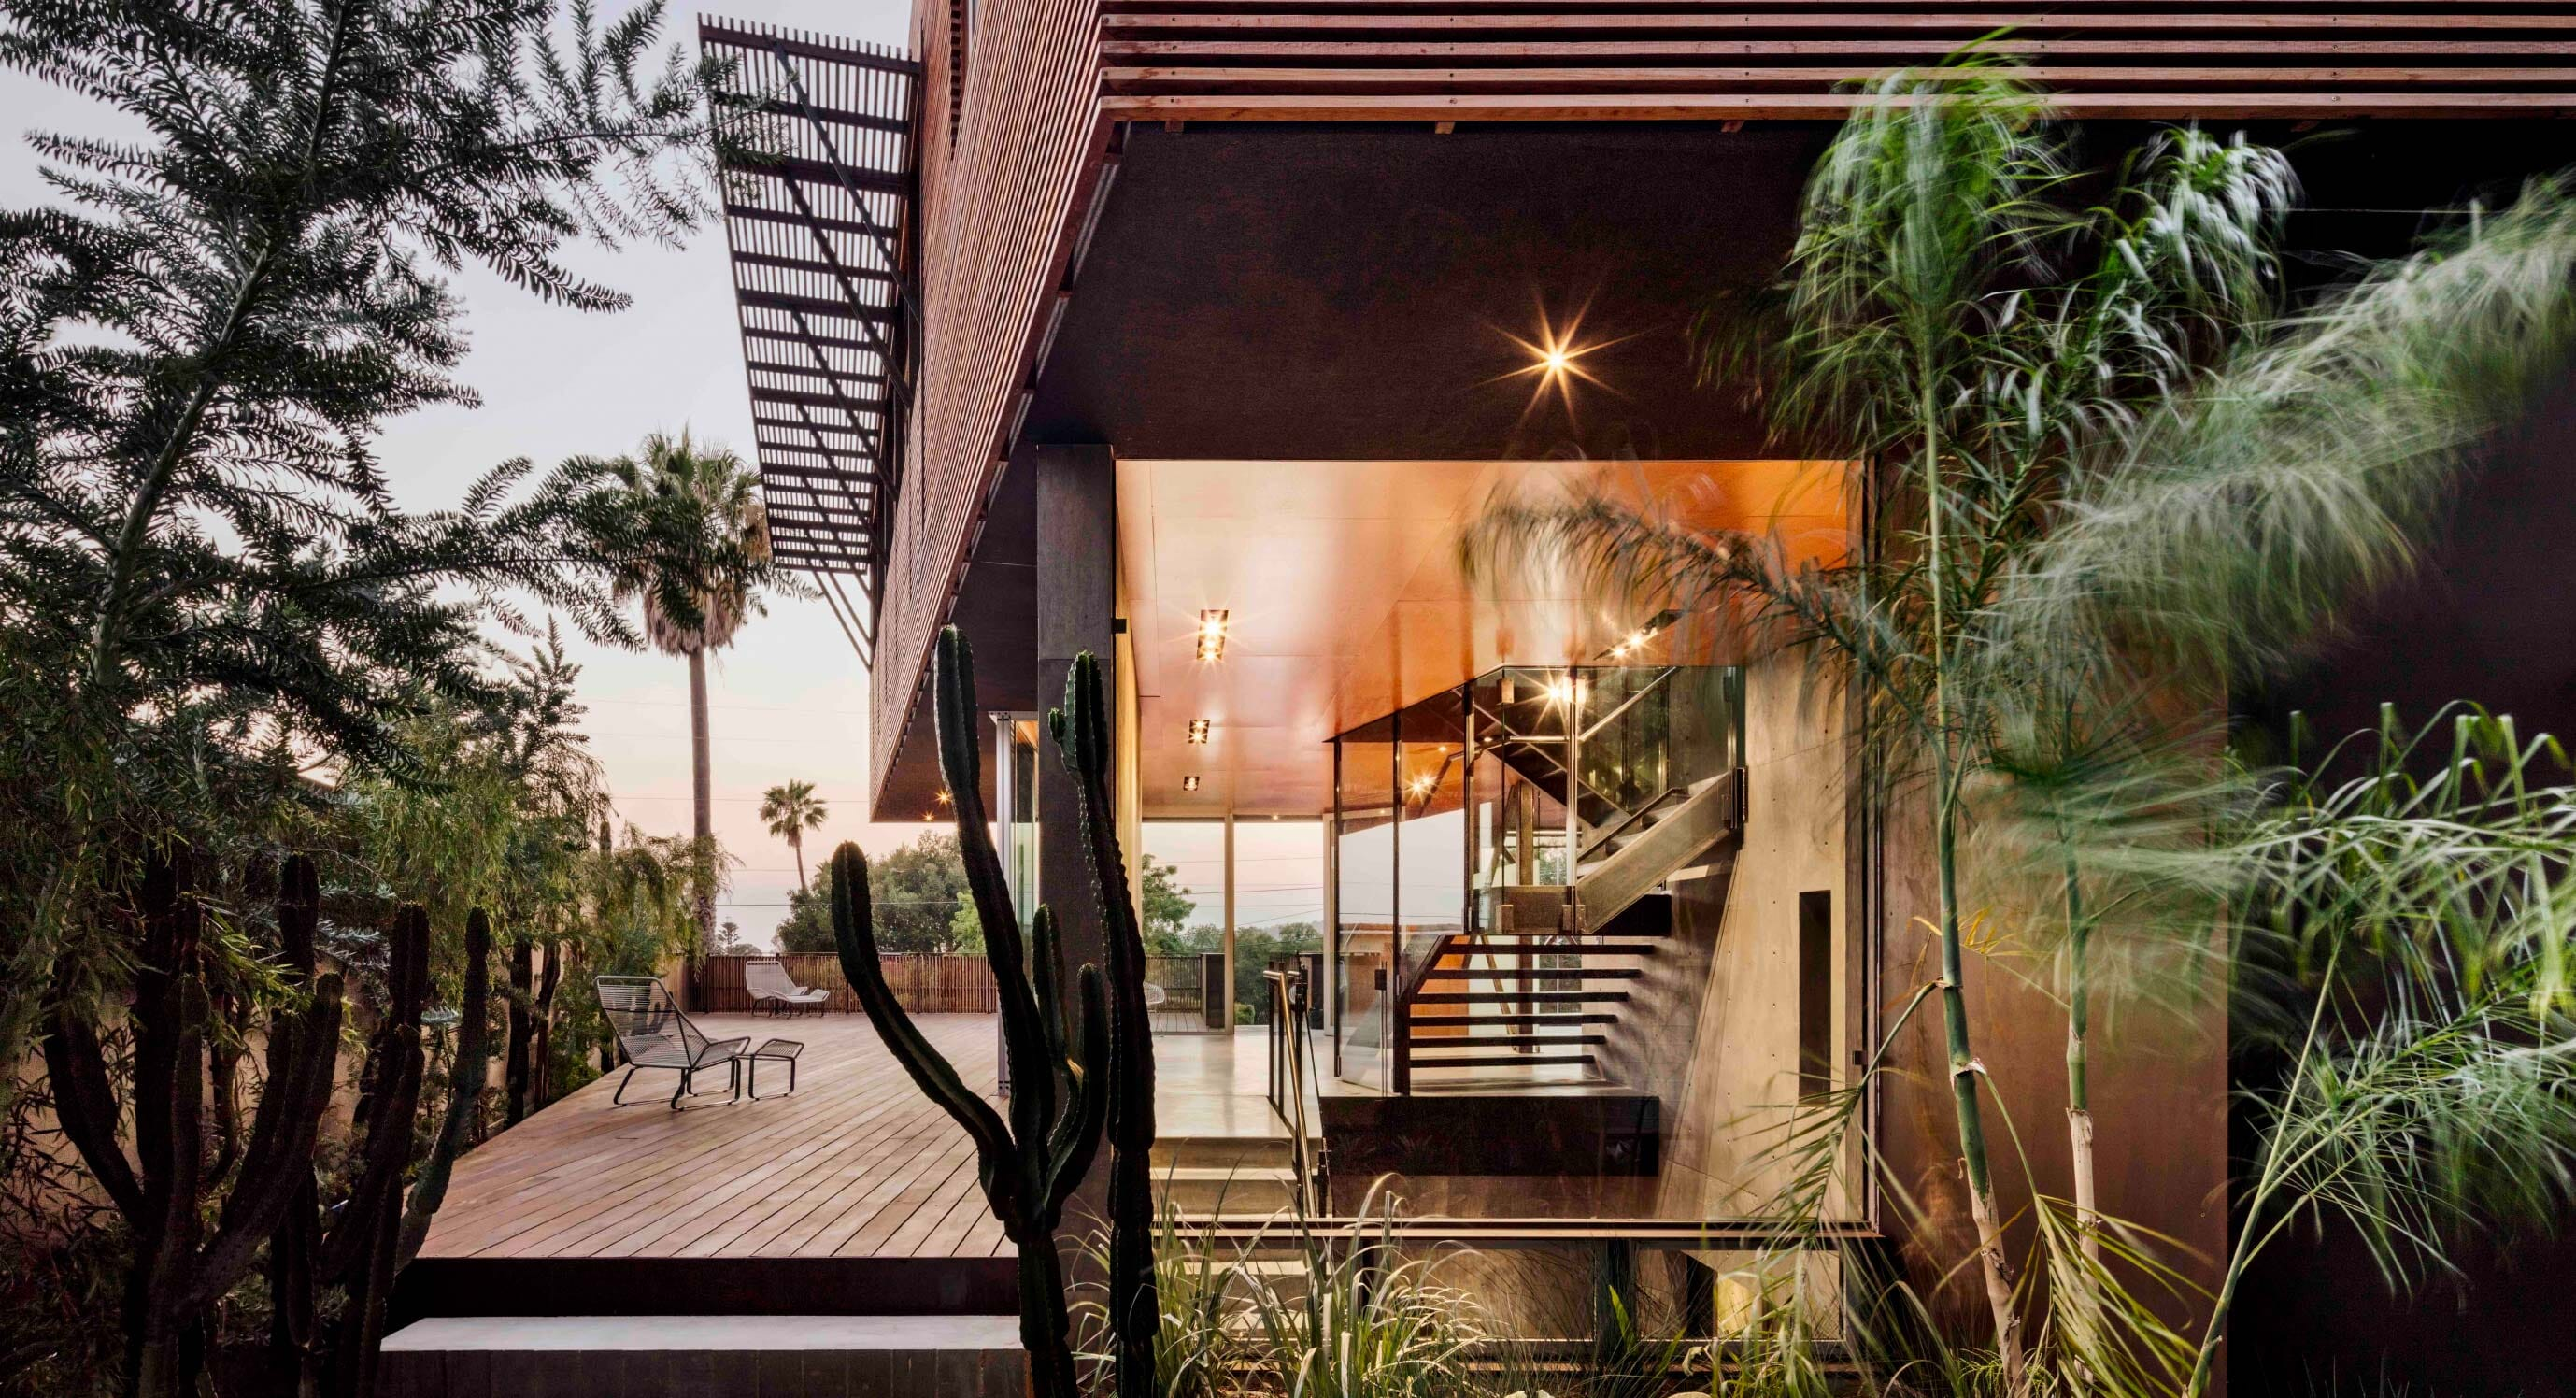 Shubin Donaldson's Skyline Residence Is A Modern Ocean Lookout